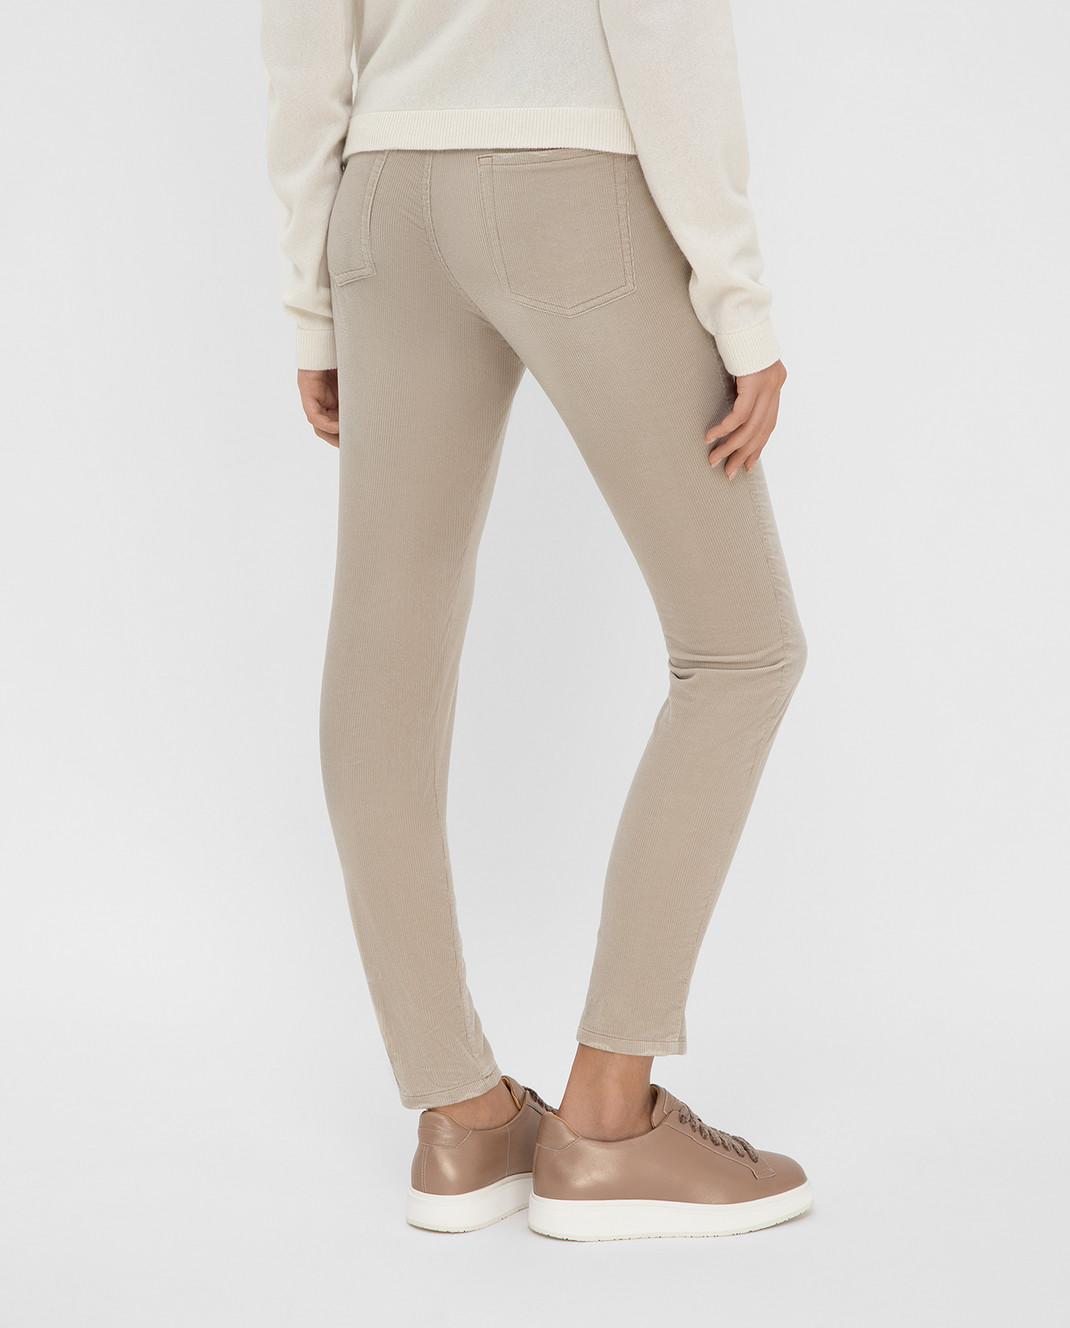 Miu Miu Бежевые вельветовые джинсы изображение 4